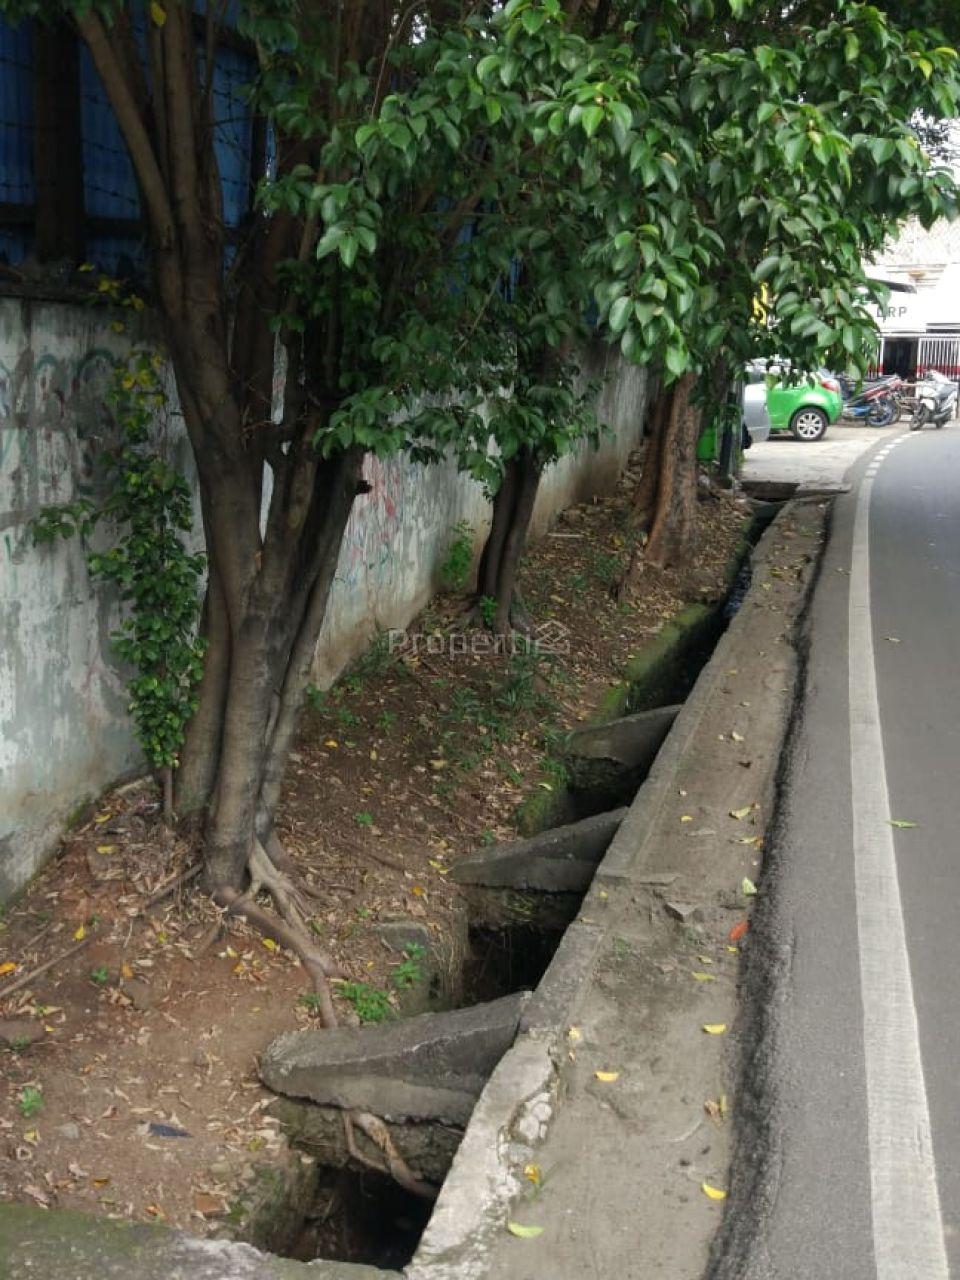 Land for Residential in Kebon Jeruk, West Jakarta, DKI Jakarta